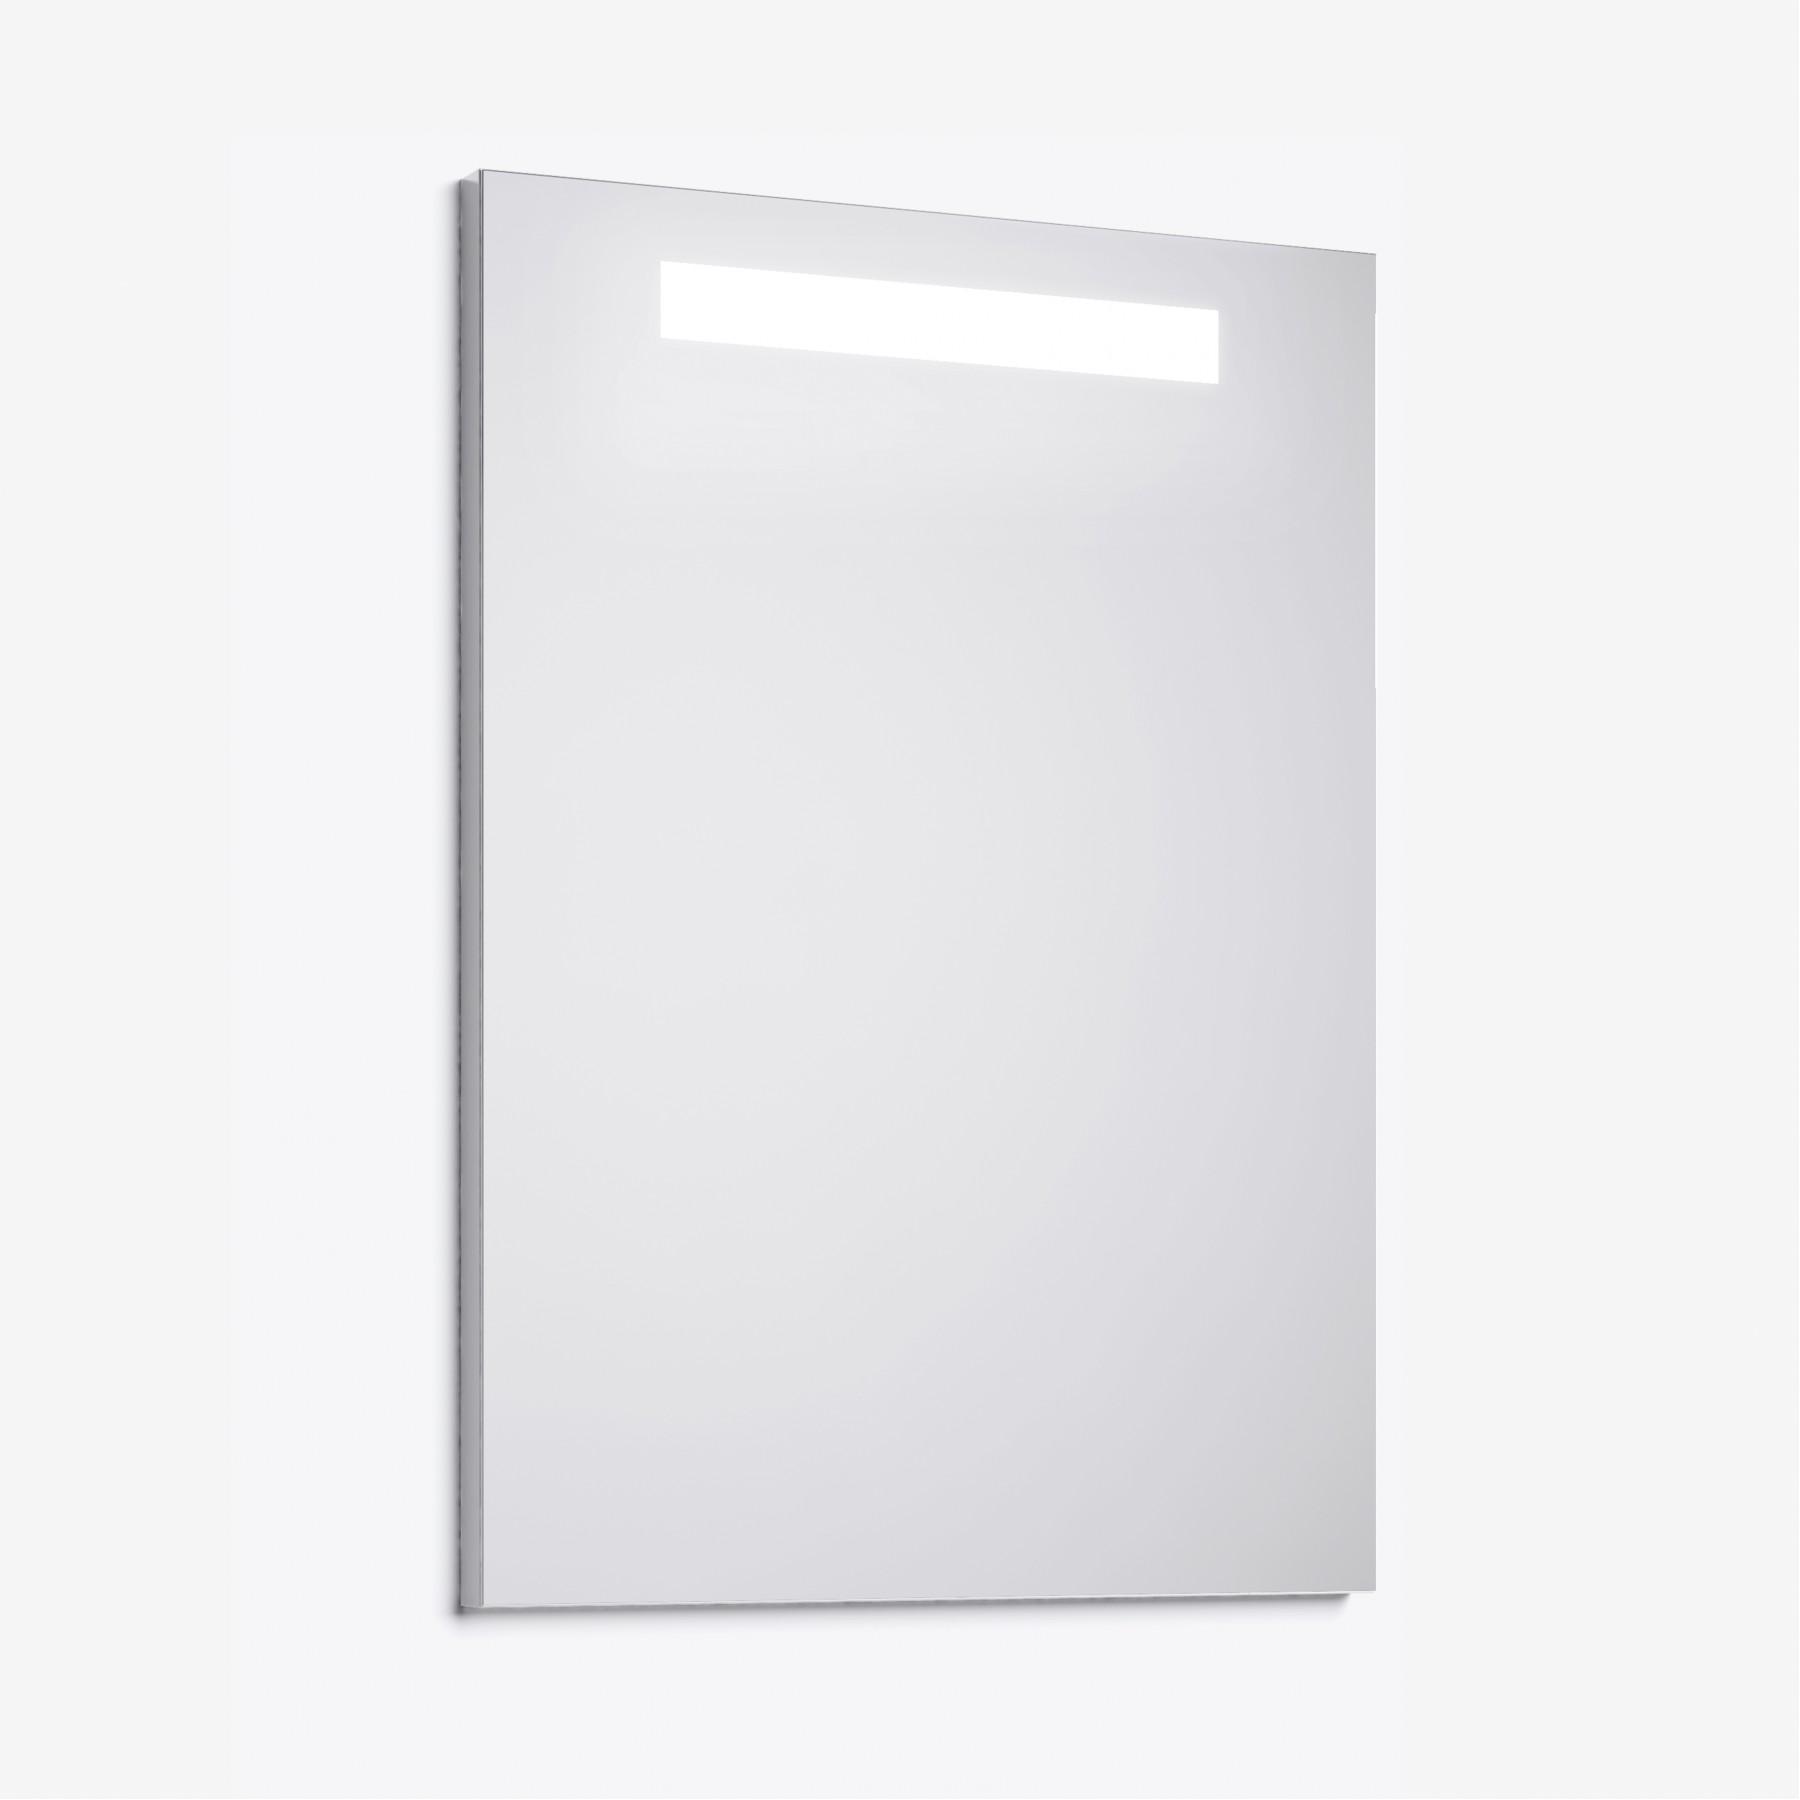 Зеркало с подсветкой Эстель 600